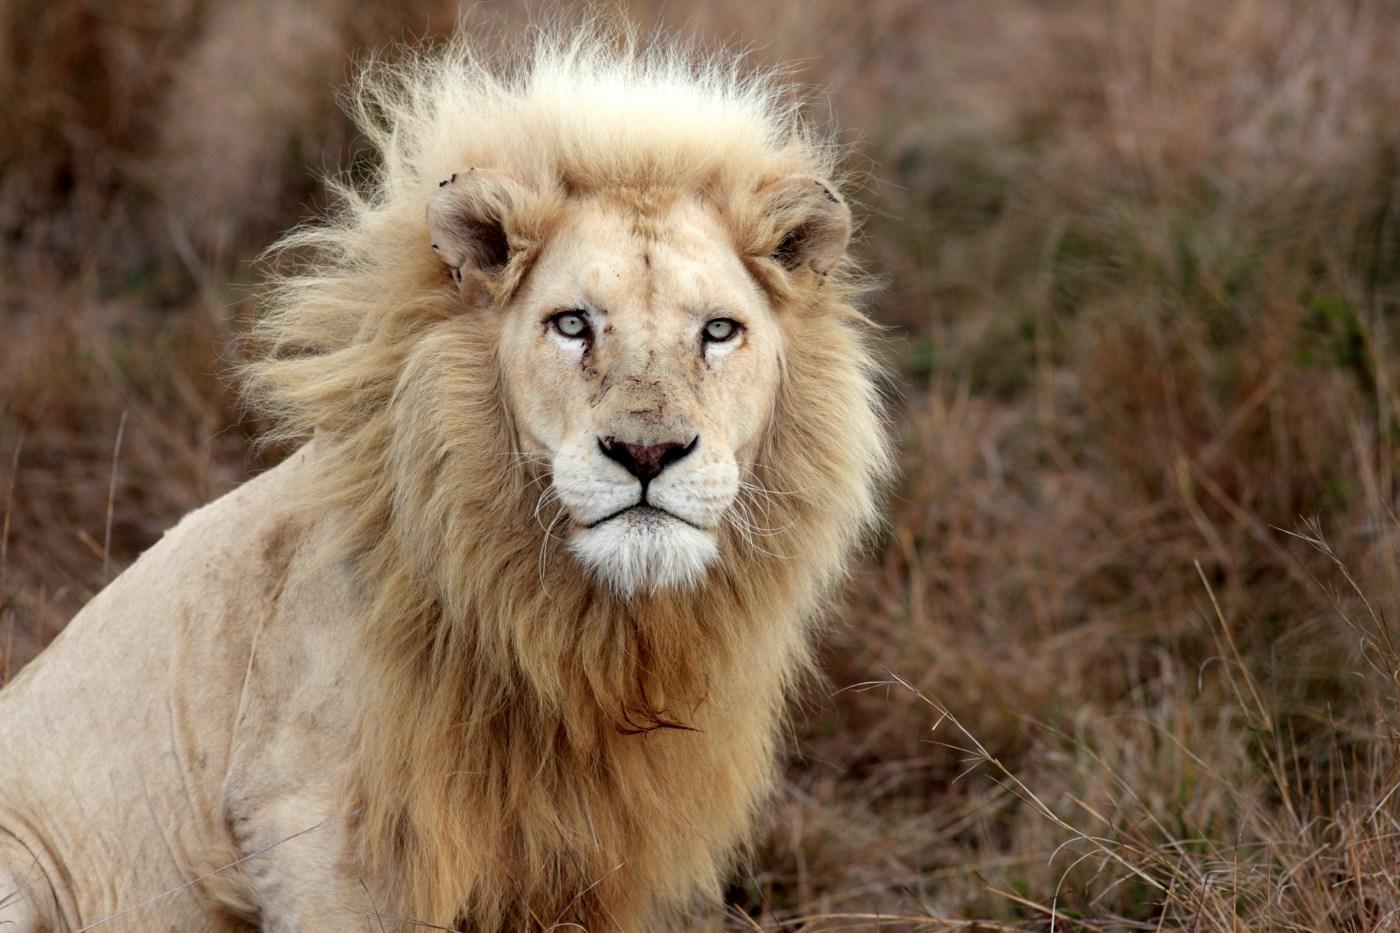 Seer-lion